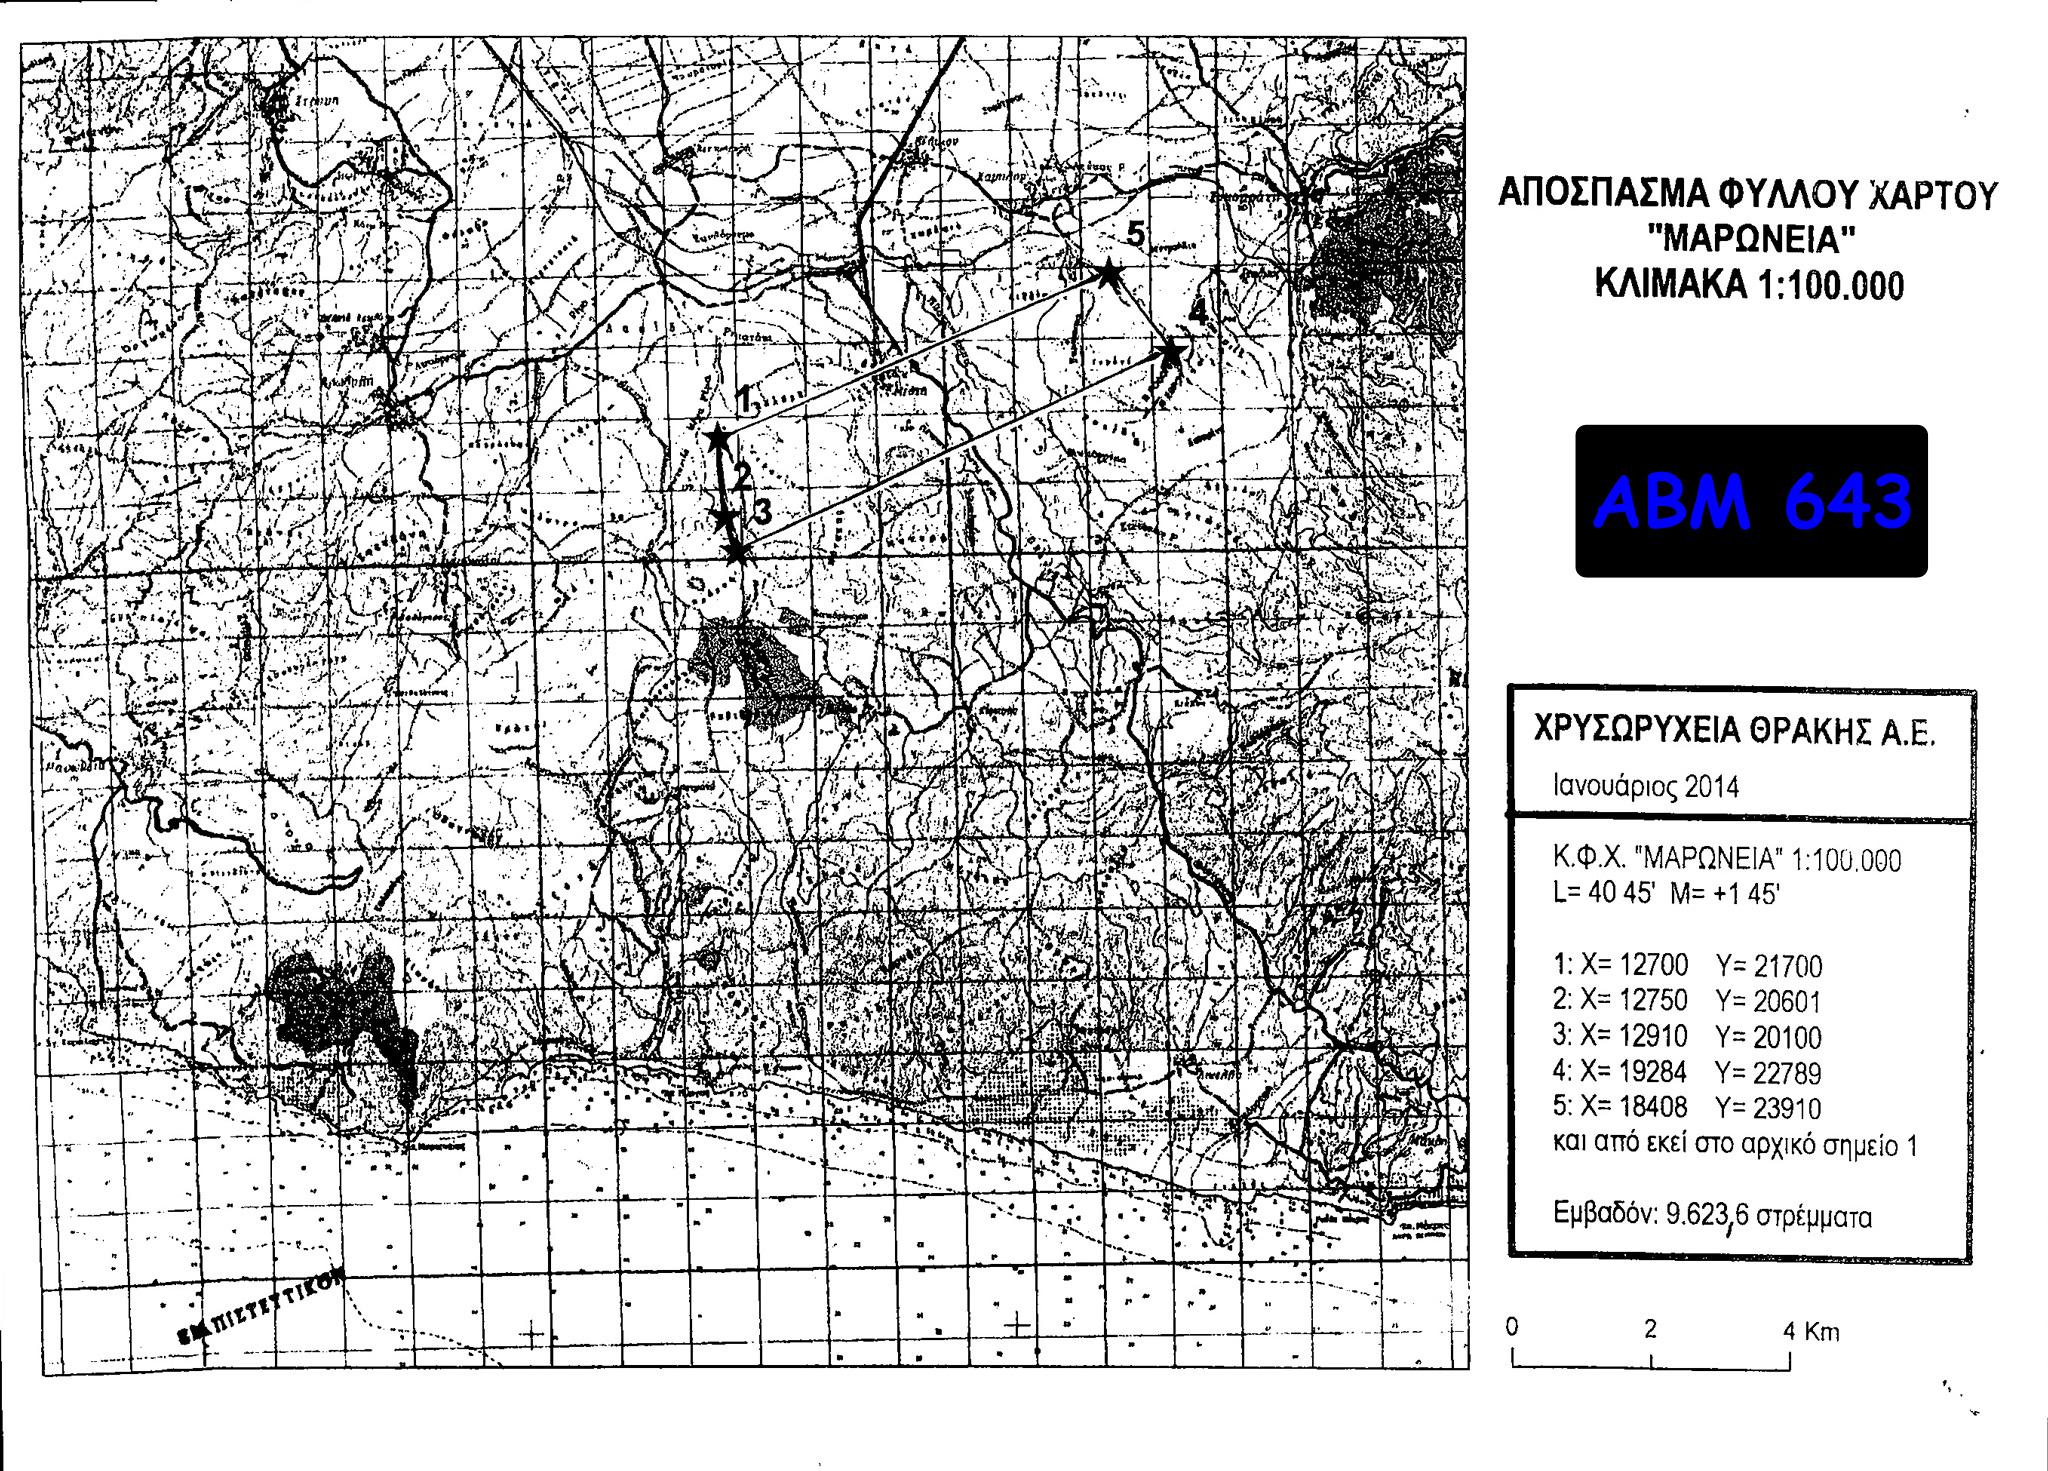 Περιοχή ΑΒΜ 643 - Αίτηση Μεταλλευτικών ερευνών Χρυσωρυχεία Θράκης ΑΕ (Ιαν.2014)